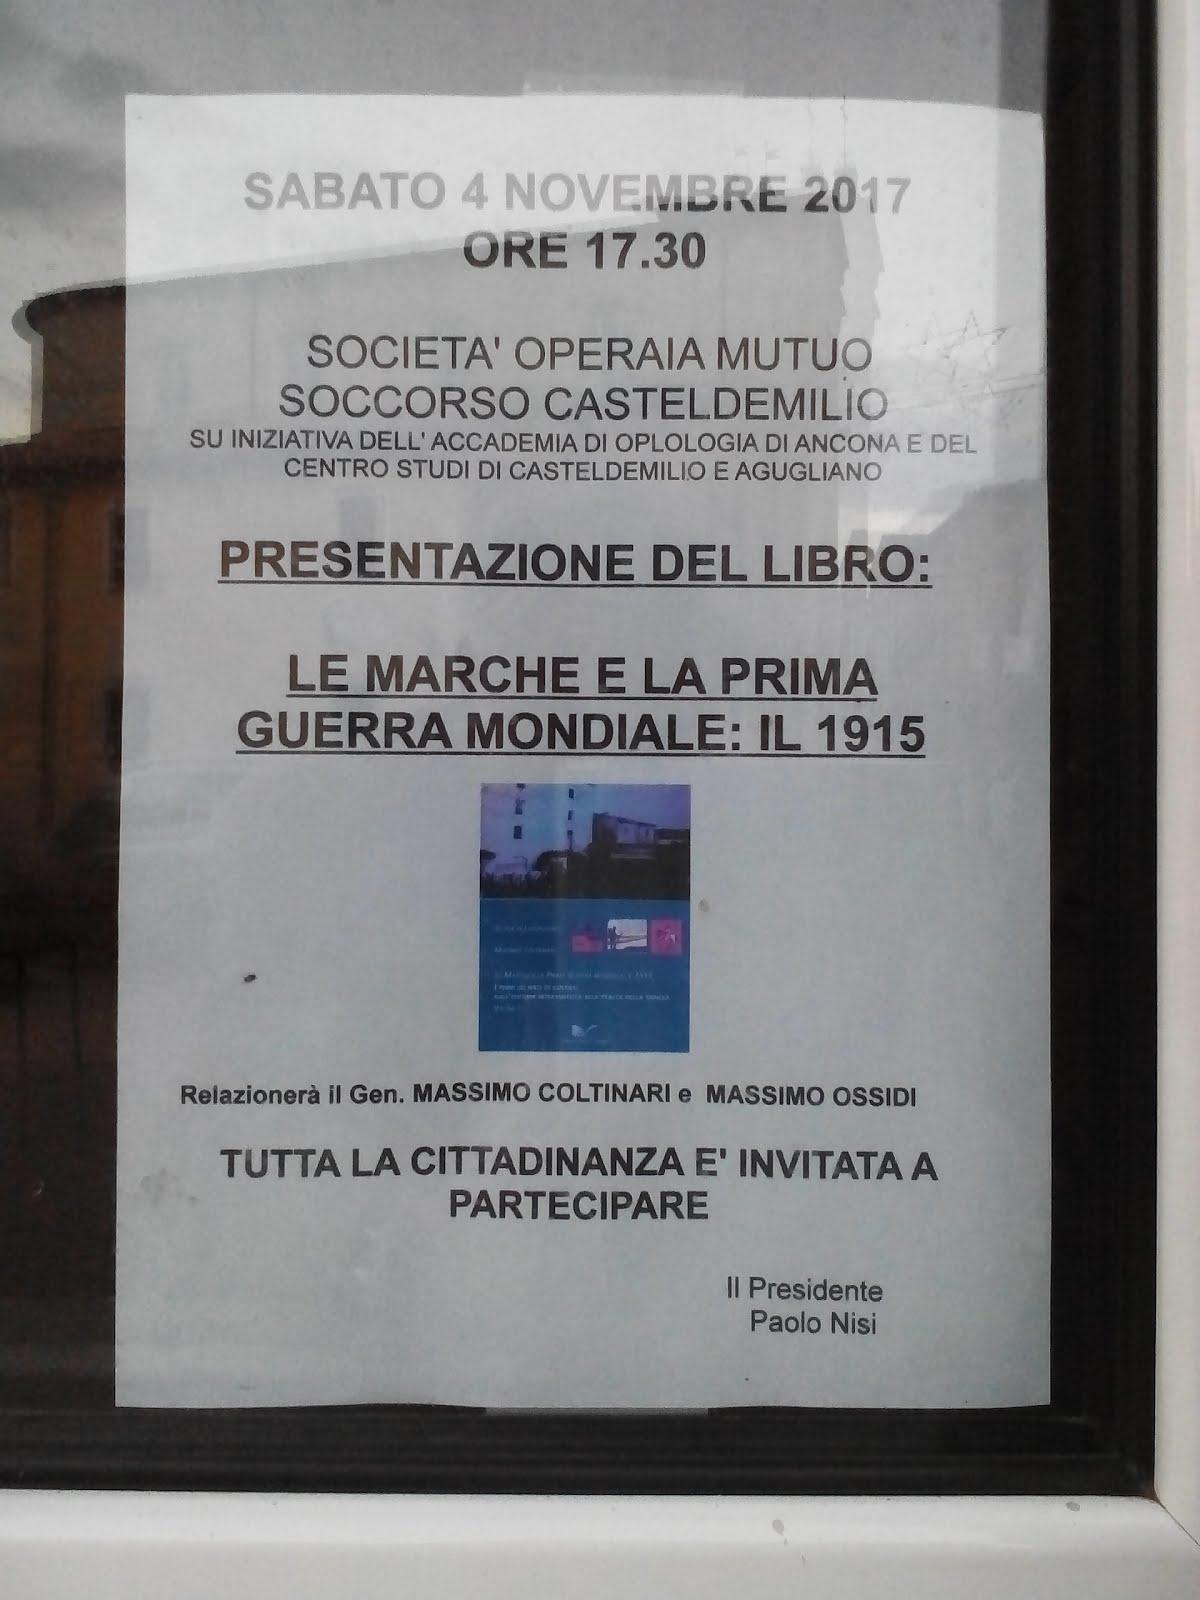 Castel D'Emilio 4 novembre 2017